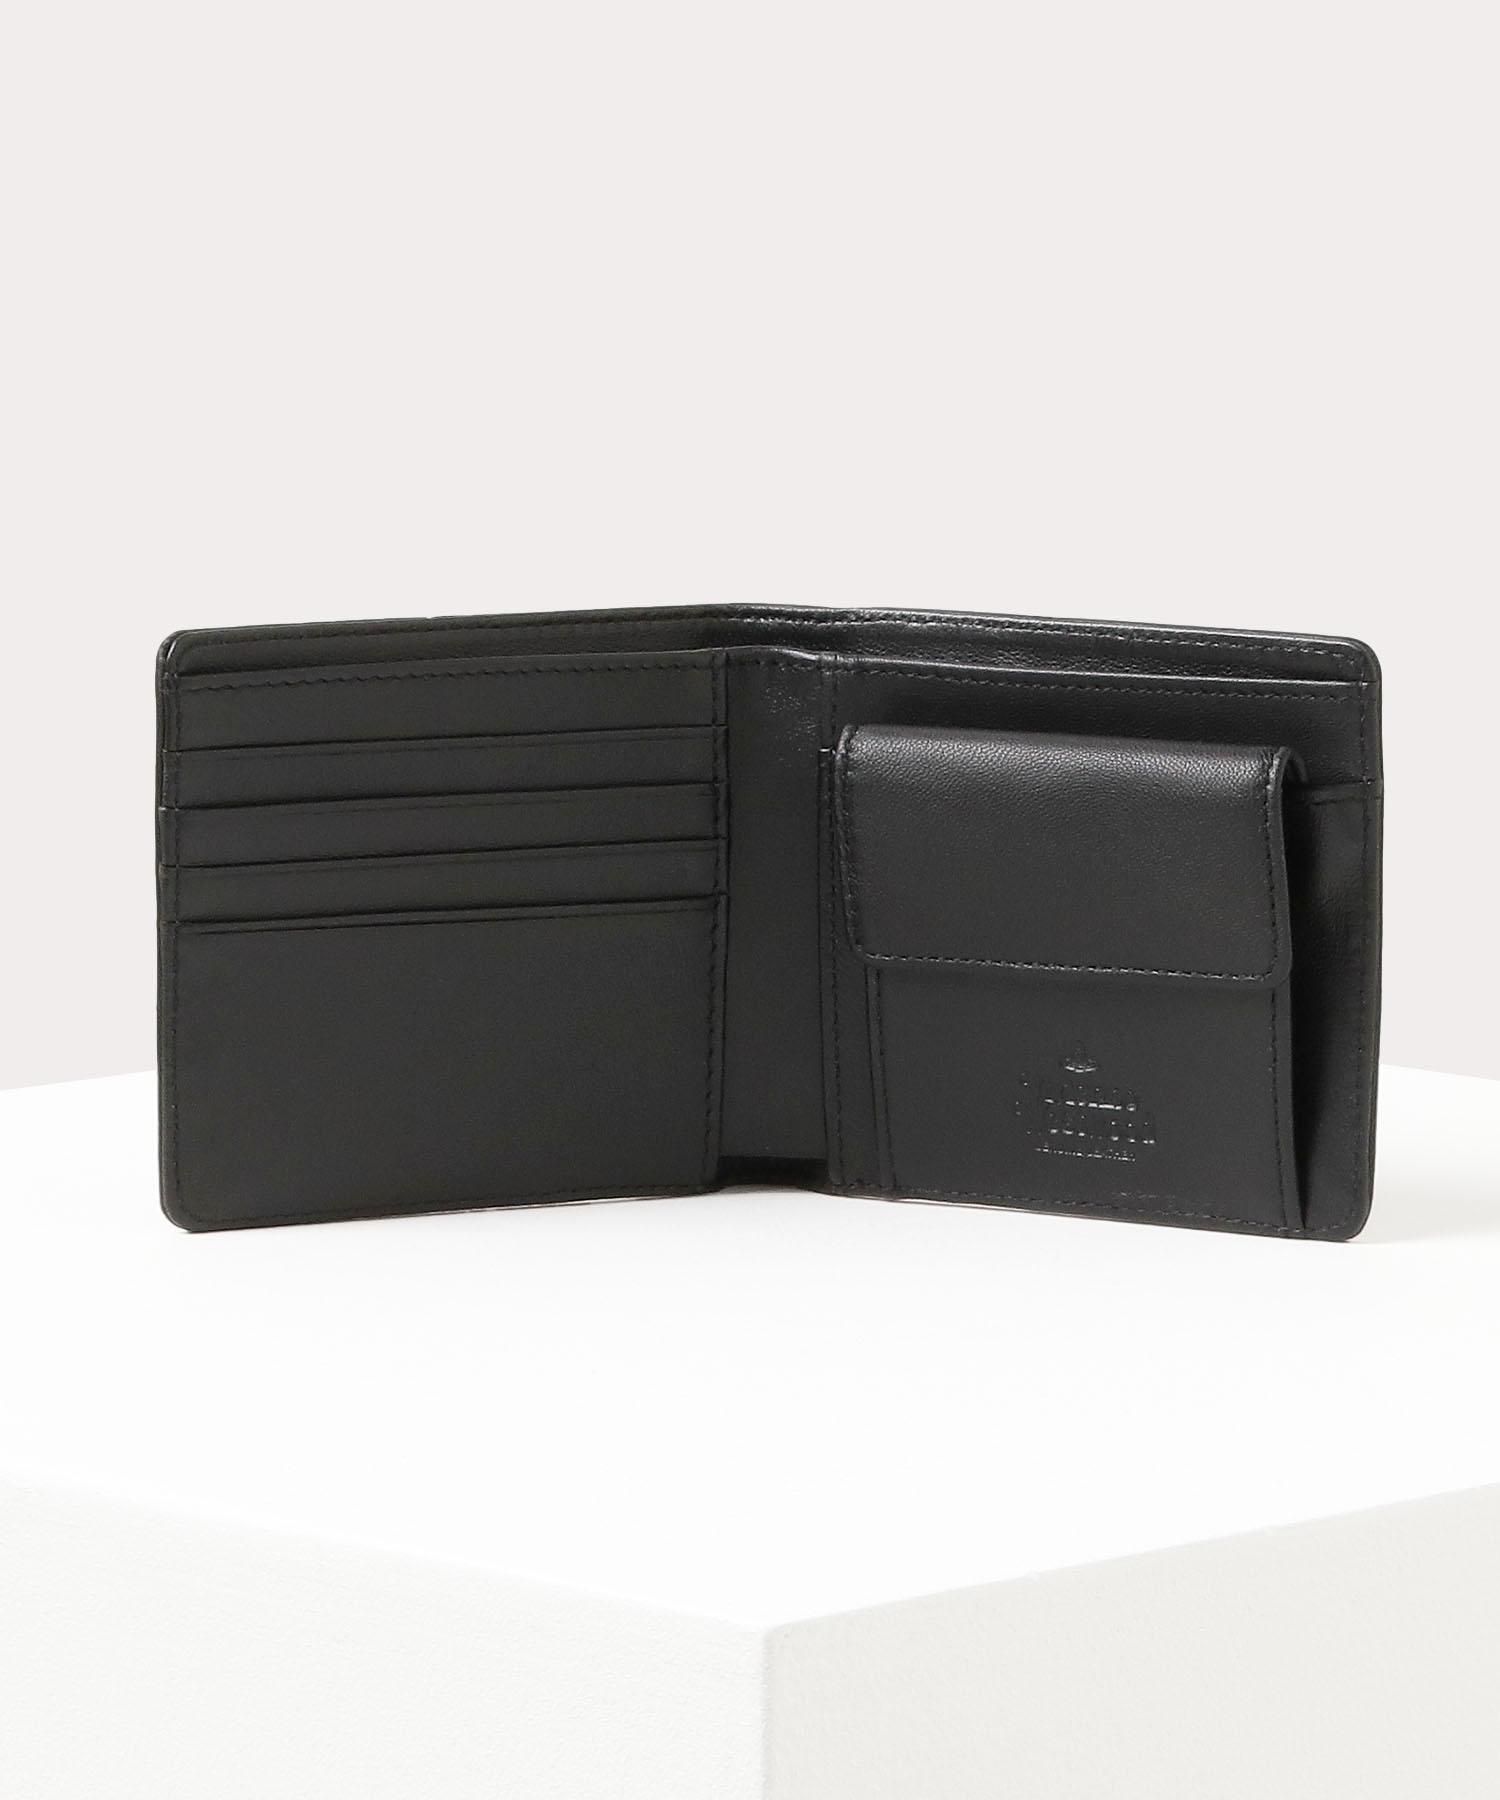 EMMA 二つ折り財布